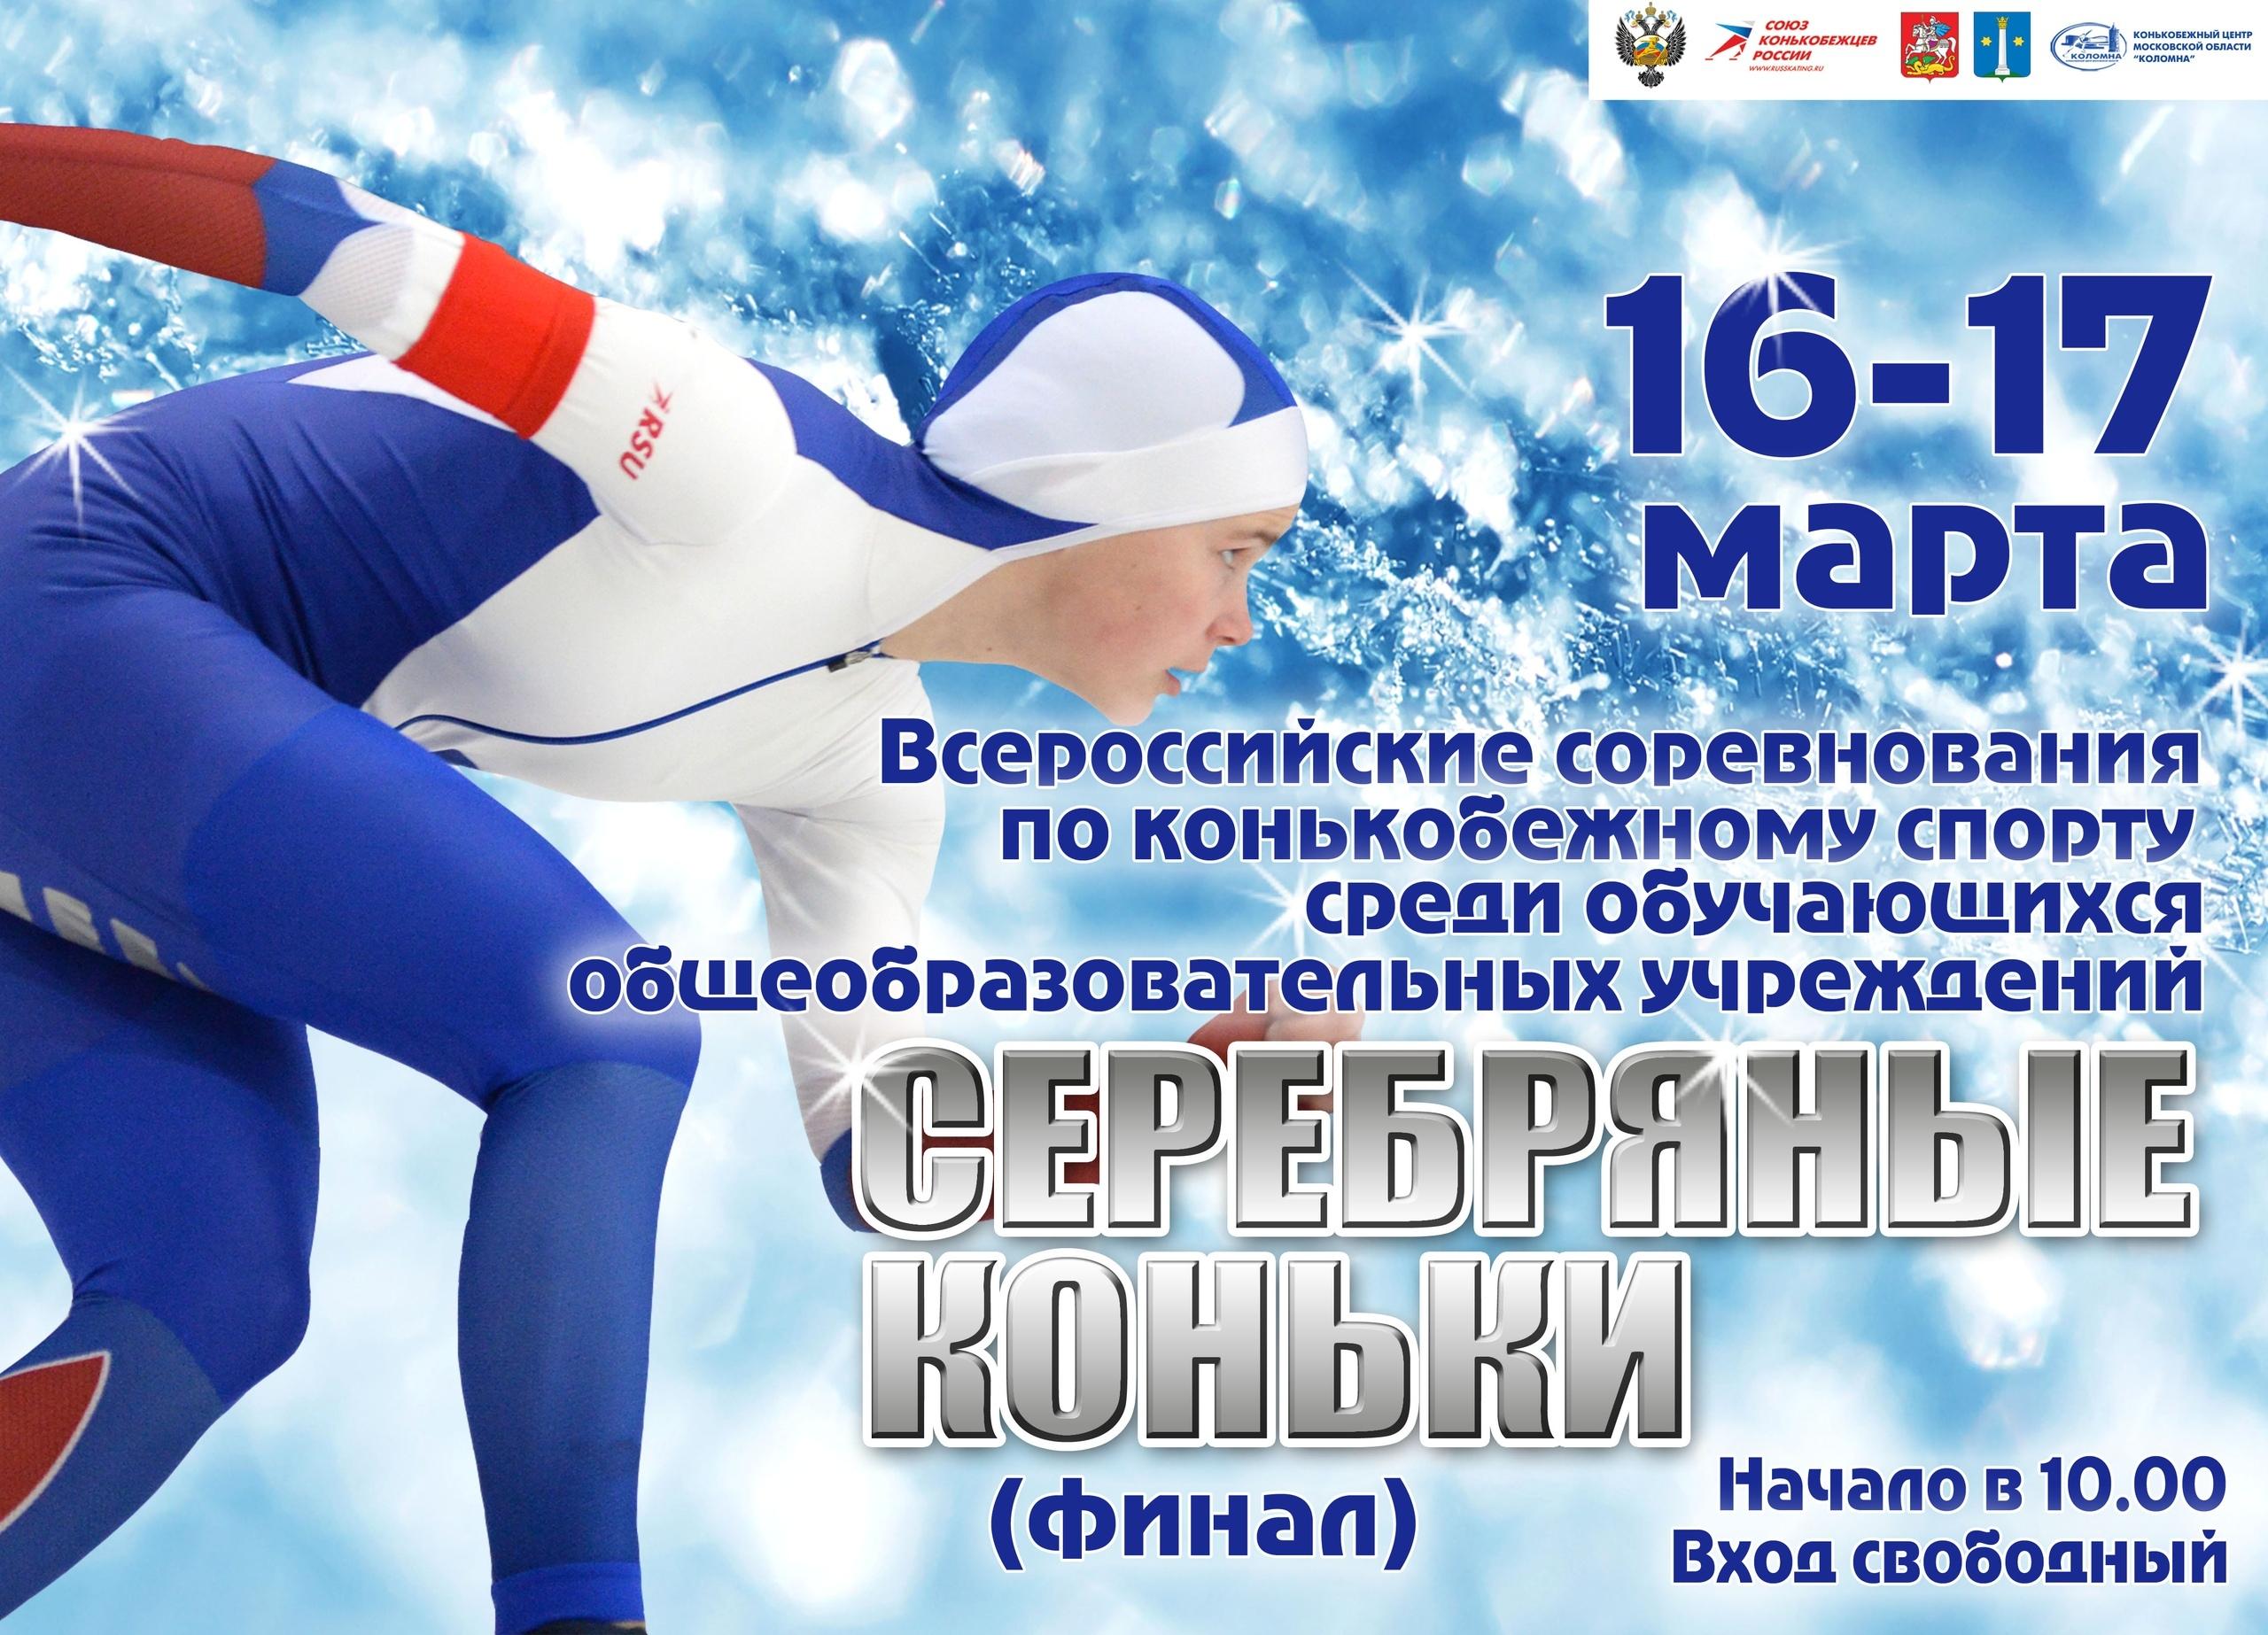 16-17 марта в Конькобежном центре «Коломна» состоятся Всероссийские соревнования по конькобежному спорту среди обучающихся общеобразовательных учреждений «Серебряные коньки» (финал).